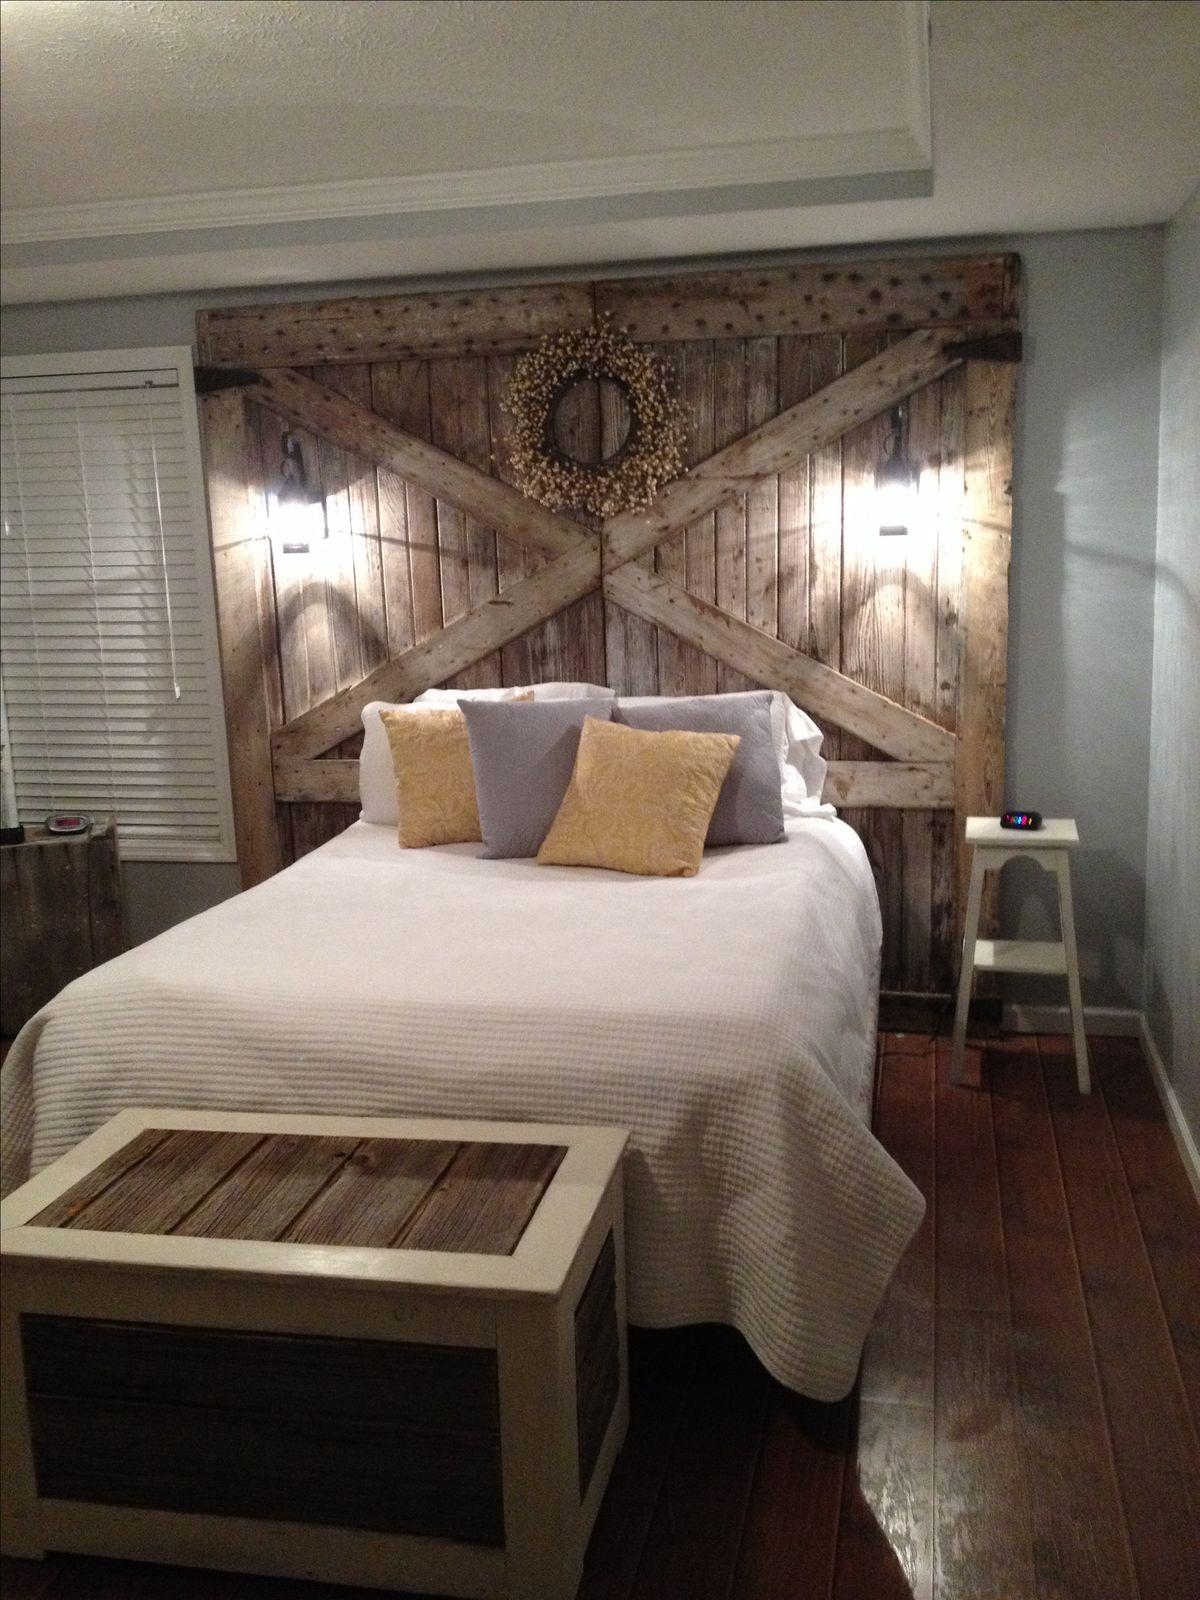 Parete Dietro Letto Idee decorare la parete dietro al letto! ecco 20 idee creative a